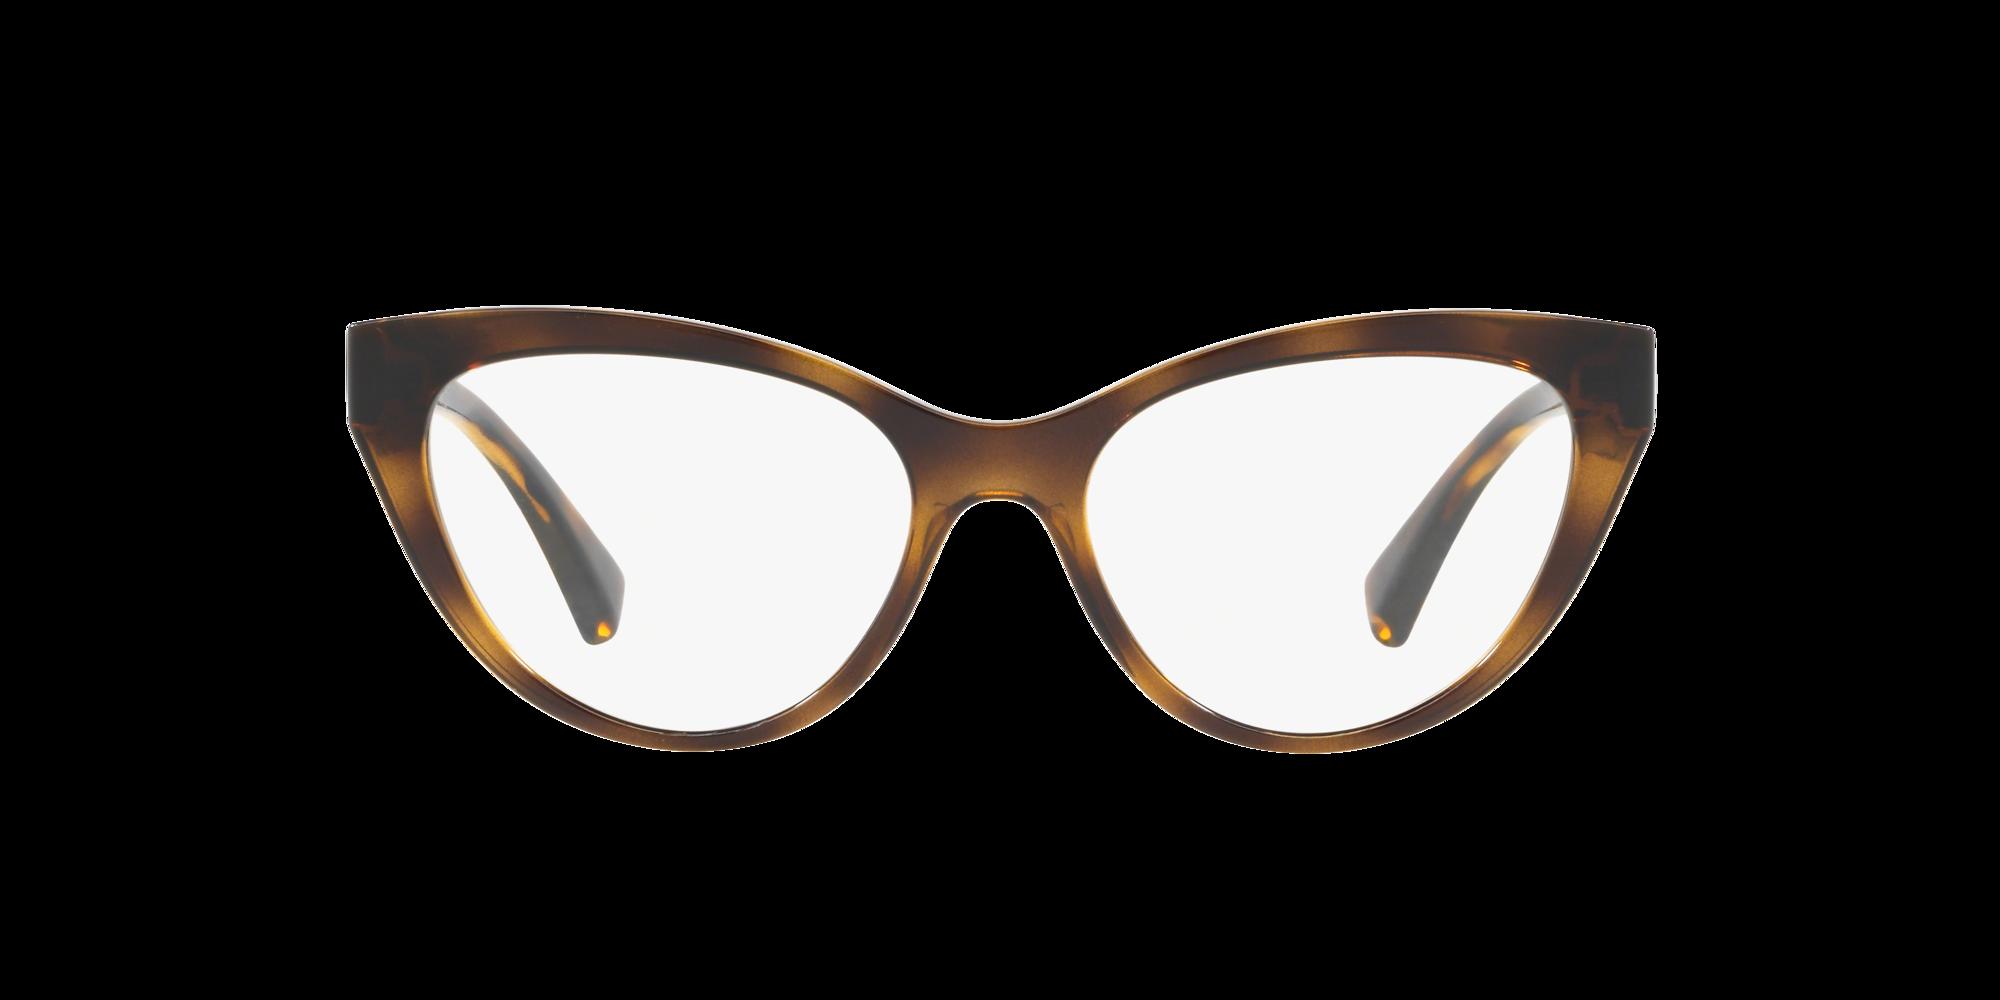 Imagen para RA7106 de LensCrafters |  Espejuelos, espejuelos graduados en línea, gafas